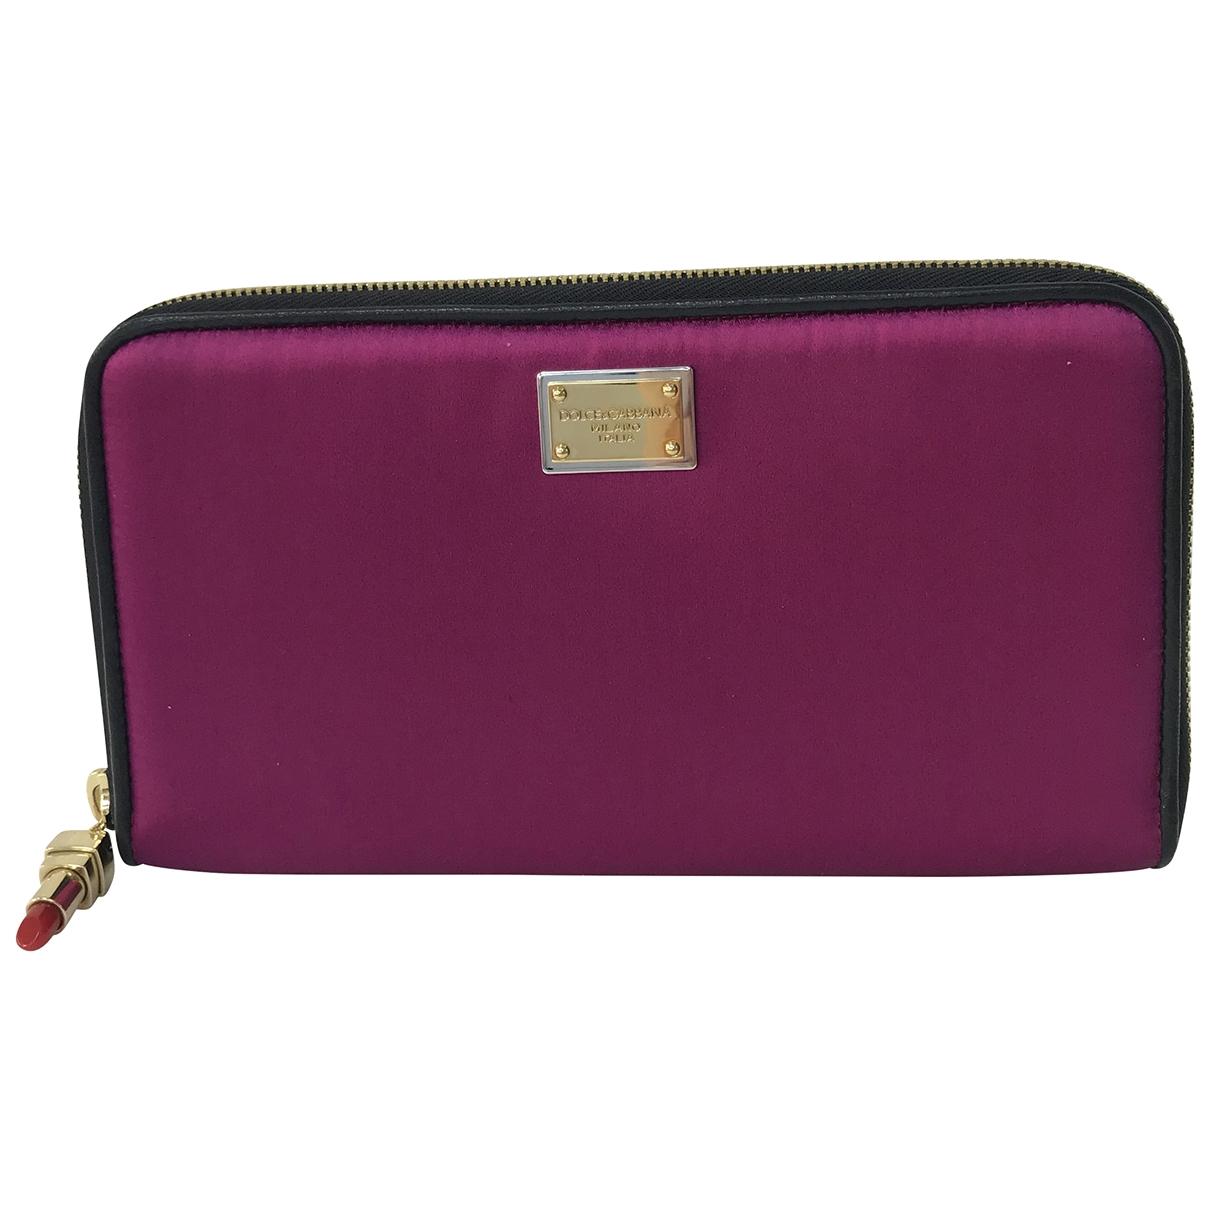 Dolce & Gabbana - Pochette   pour femme en soie - violet